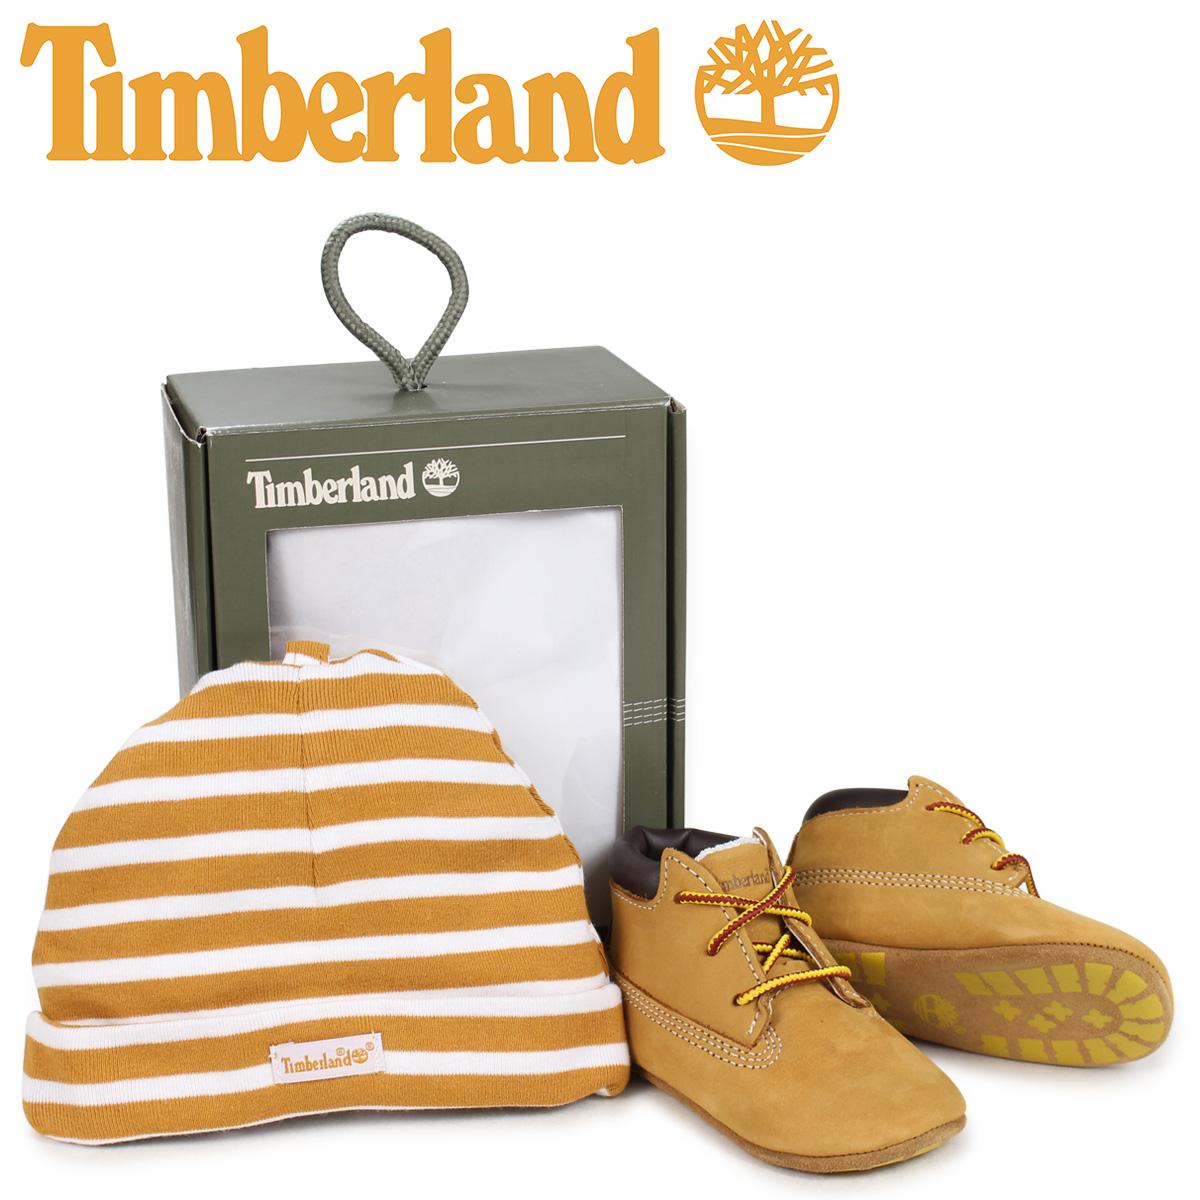 ティンバーランド Timberland ブーツ シューズ キャップ 帽子 ニット帽 セット キッズ ベビー INFANT CRIB BOOTIES CAP SET ギフト ウィート ベージュ 9589R